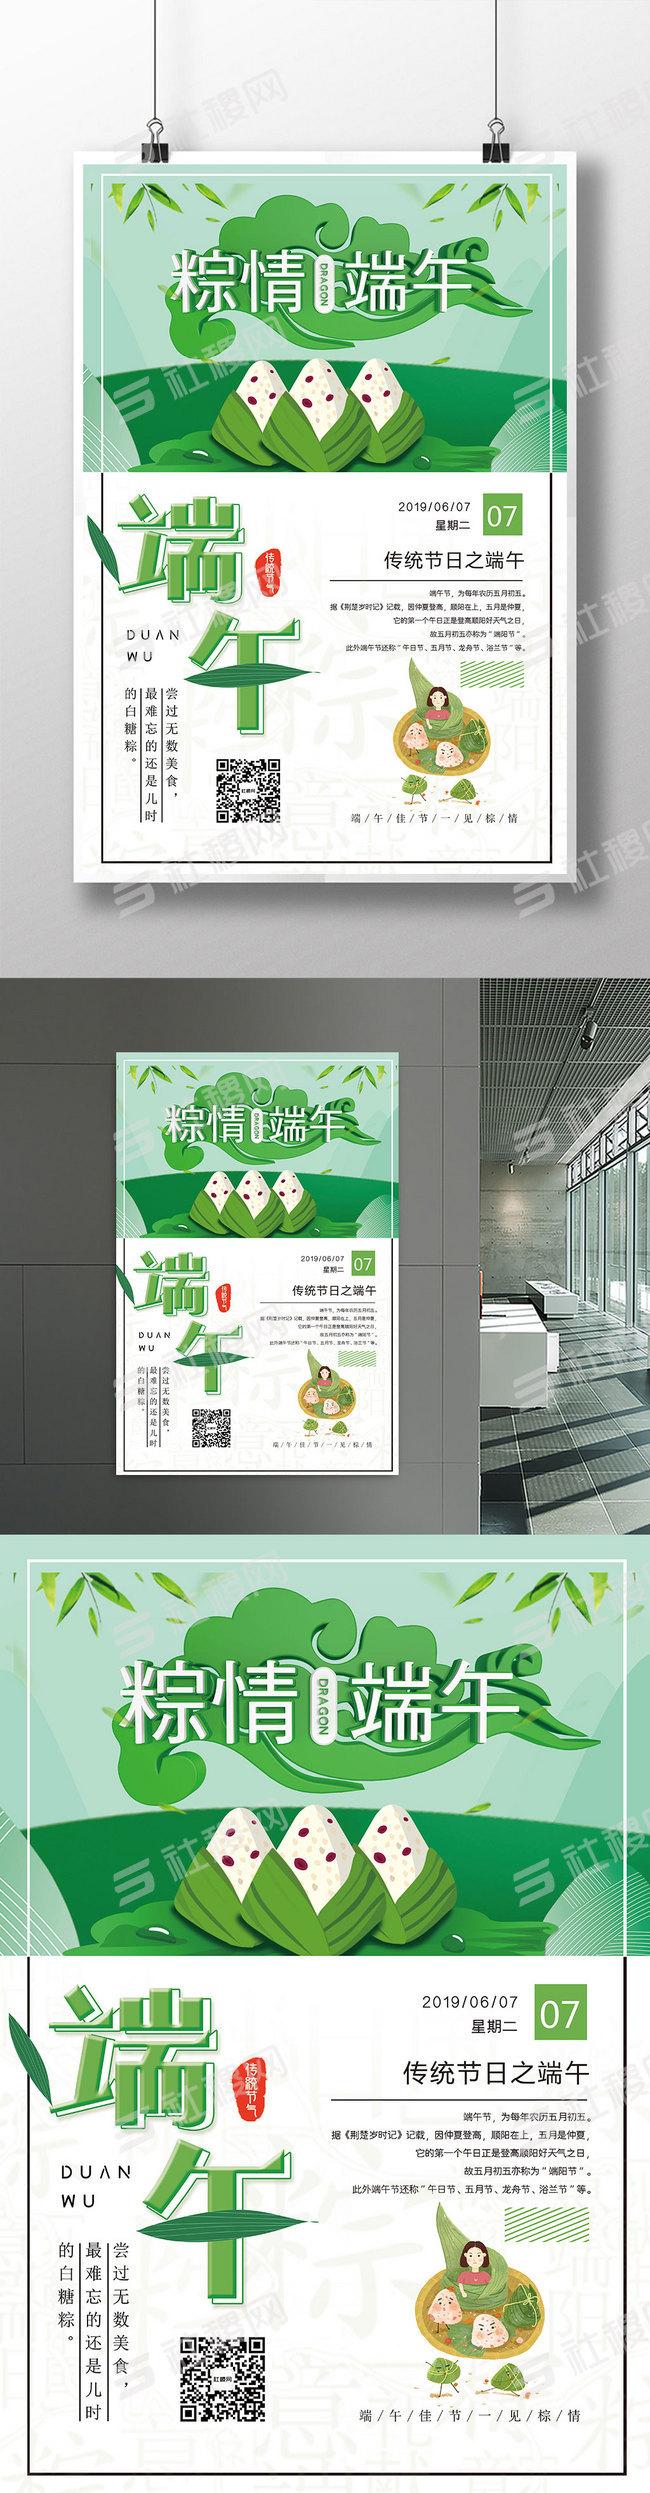 传统节日卡通端午节海报设计图片社稷网.jpg